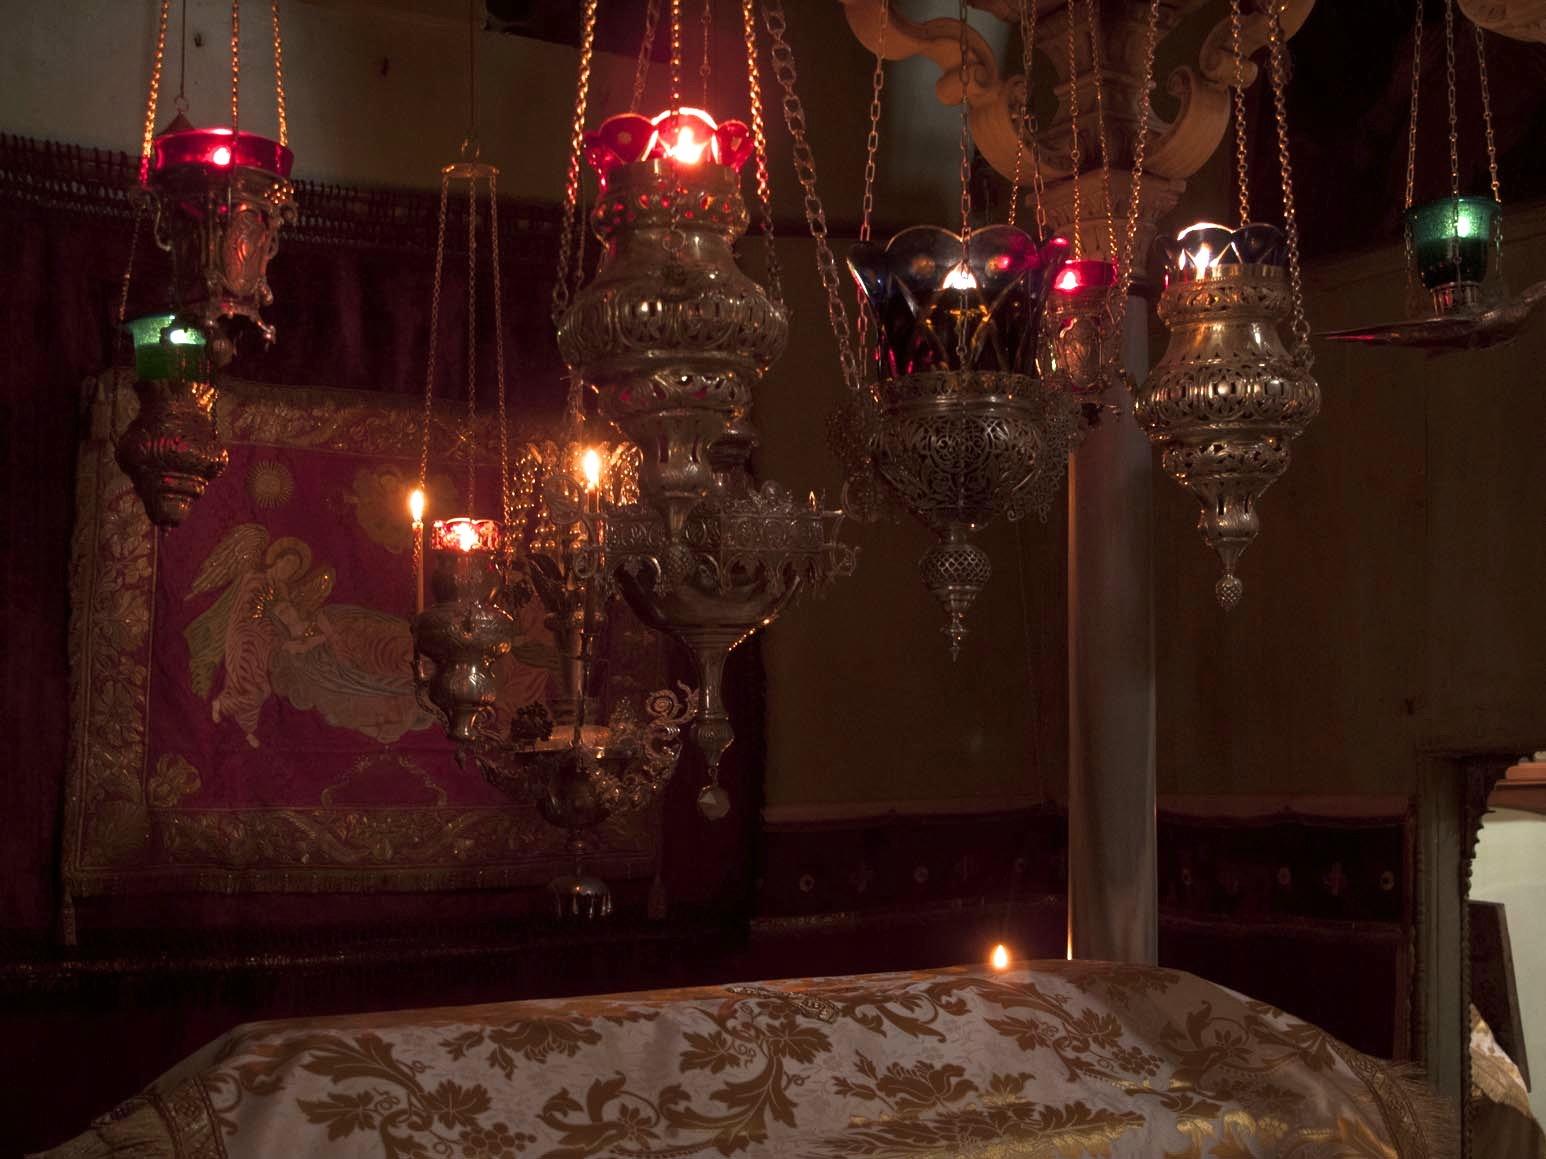 Saint Catherine's Reliquary